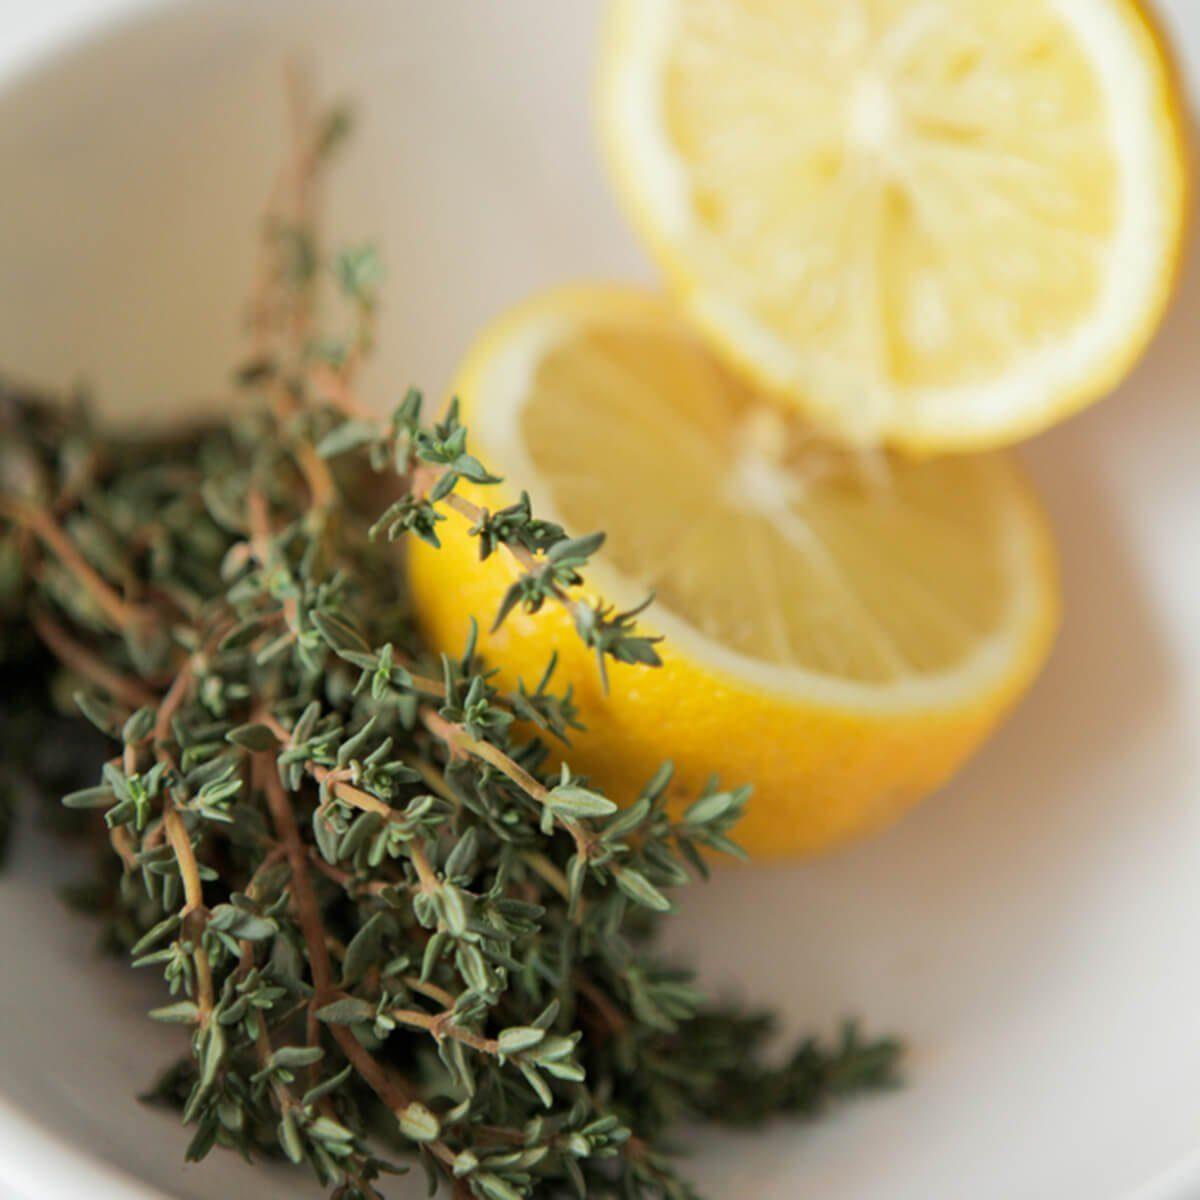 Lemon and thyme